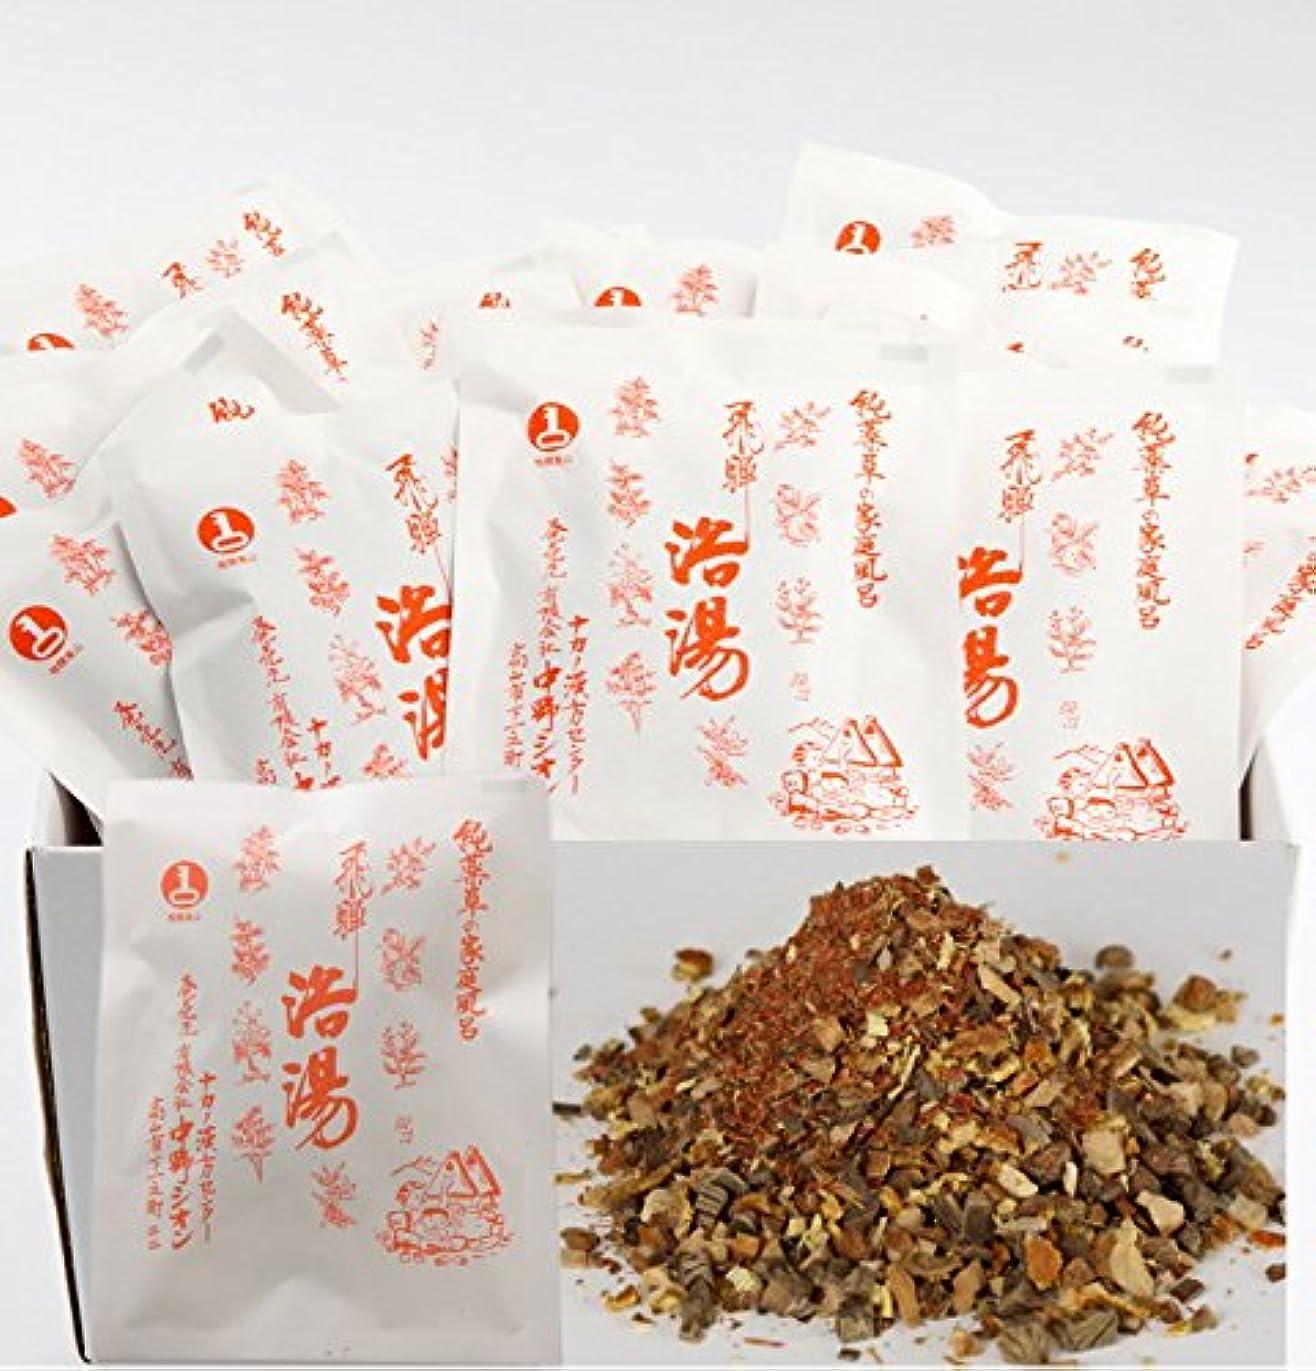 切る納税者統計浴湯 飛騨浴湯 ~純薬草のお風呂~ 15袋(15包)セット